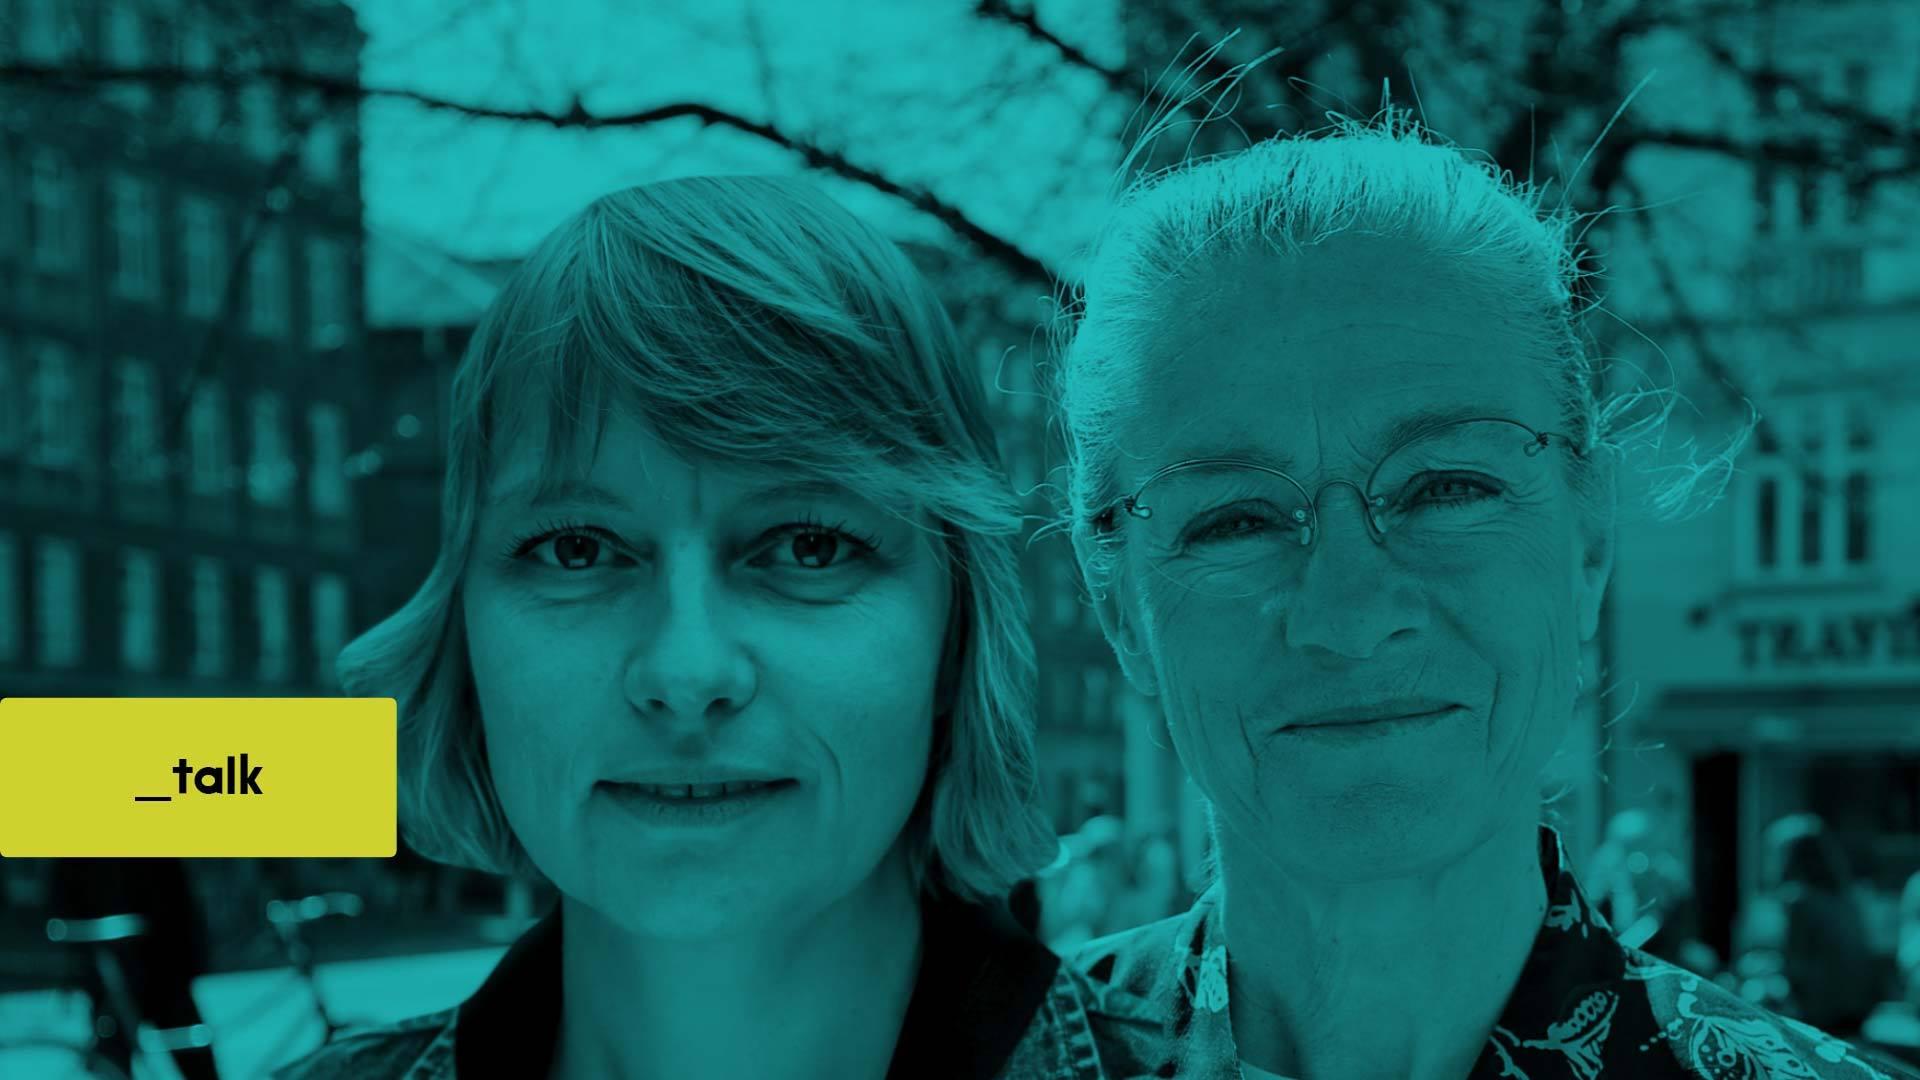 Kvindesnak med Mette Sø og Ritt Bjerregaard